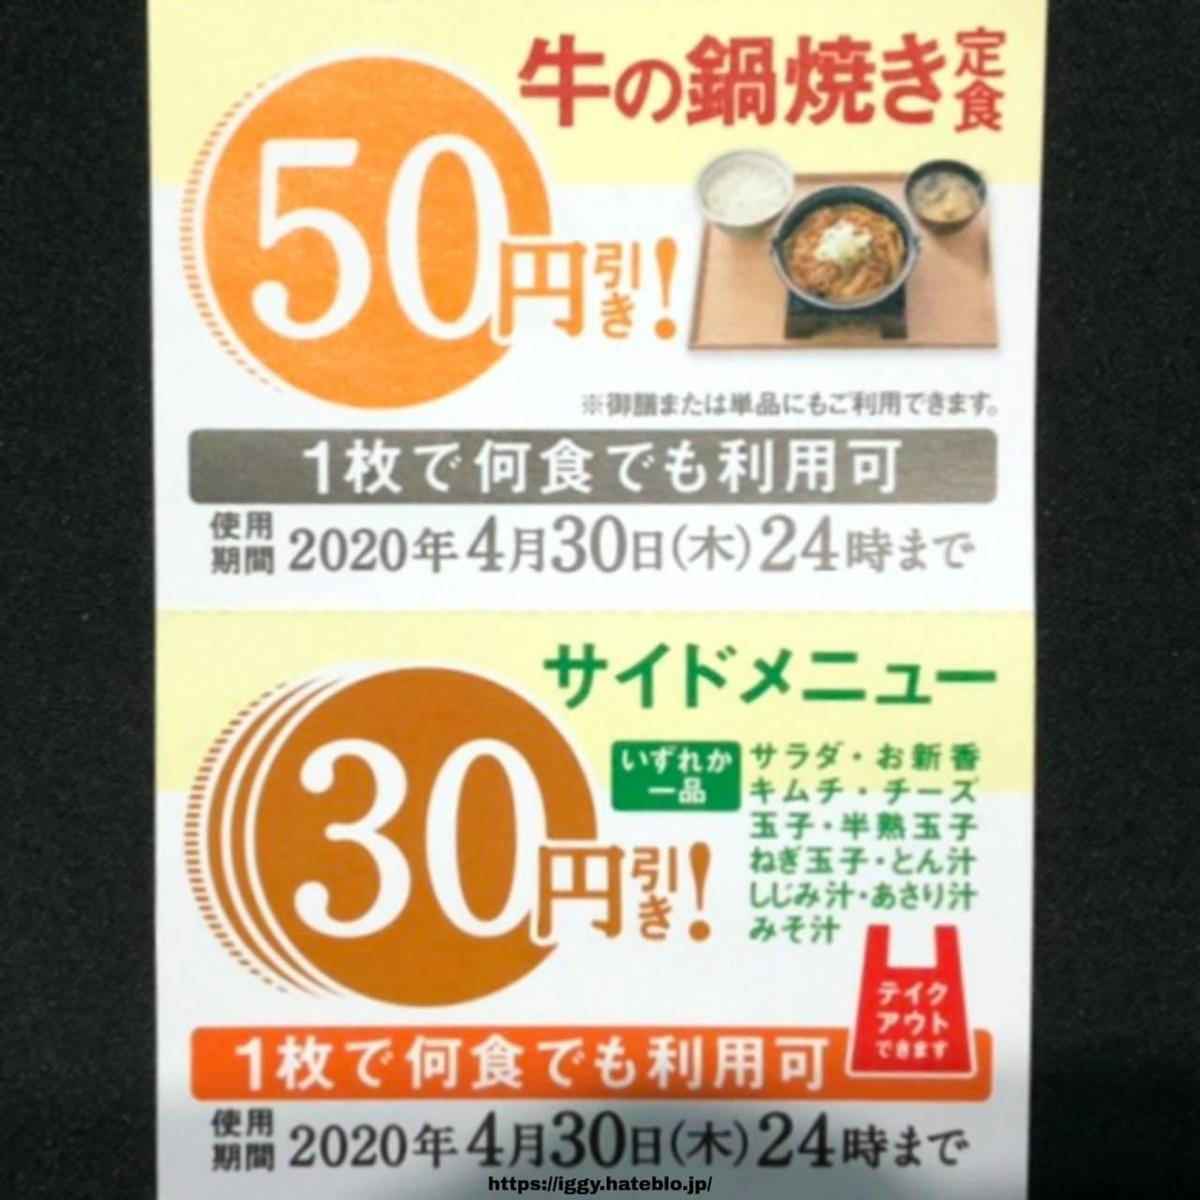 牛の鍋焼チケット iggy2019